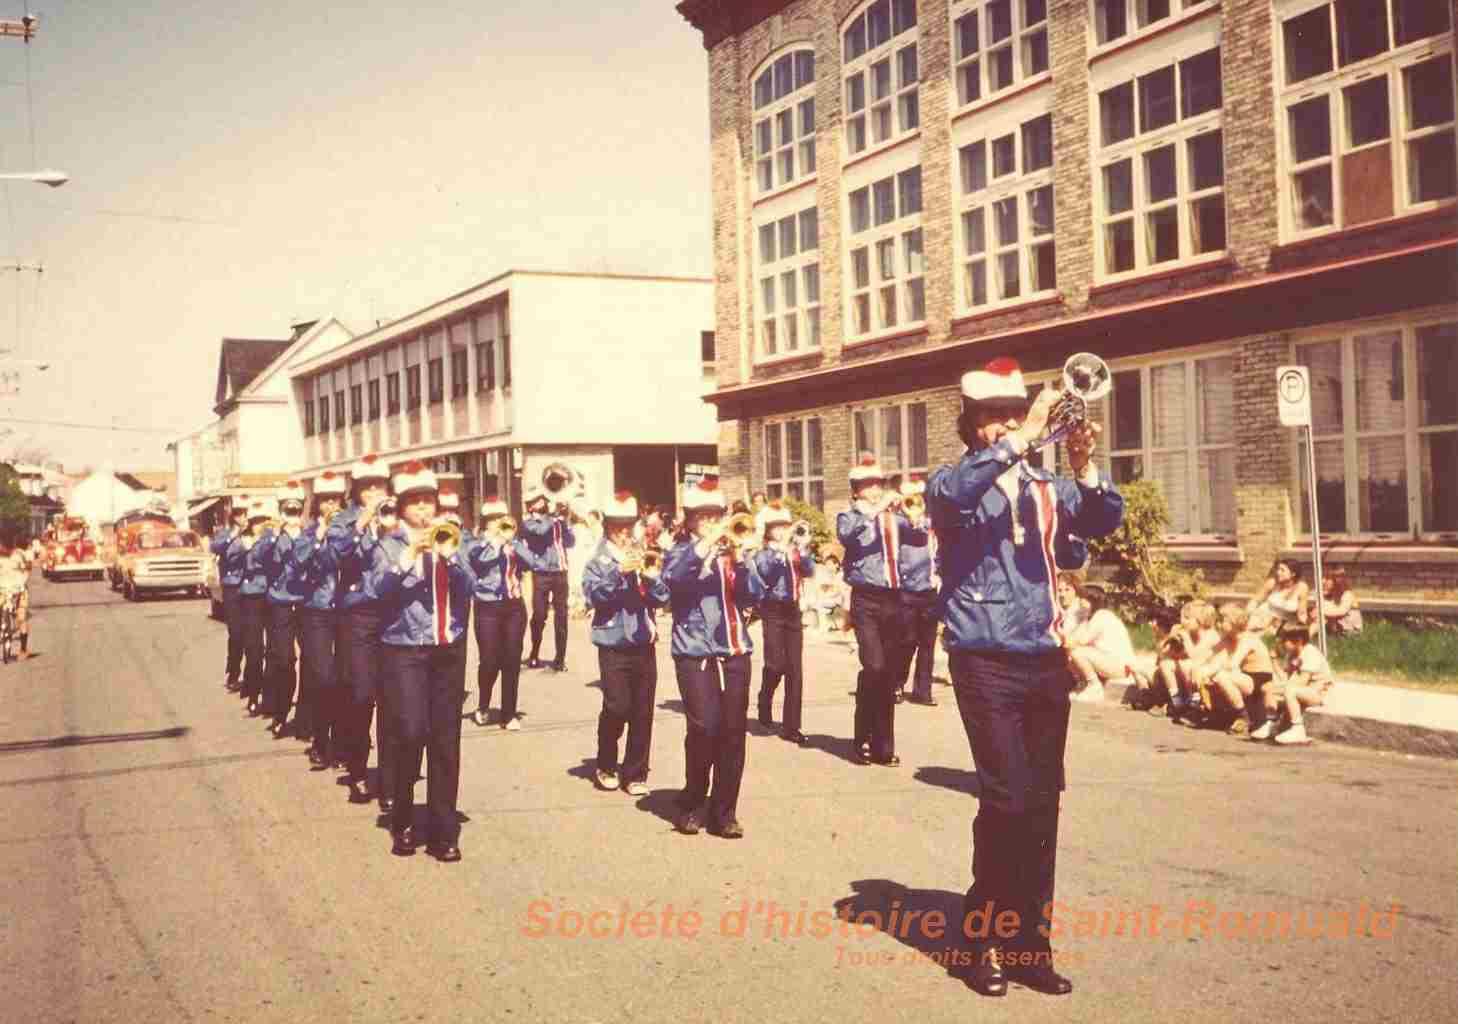 1981. Parade